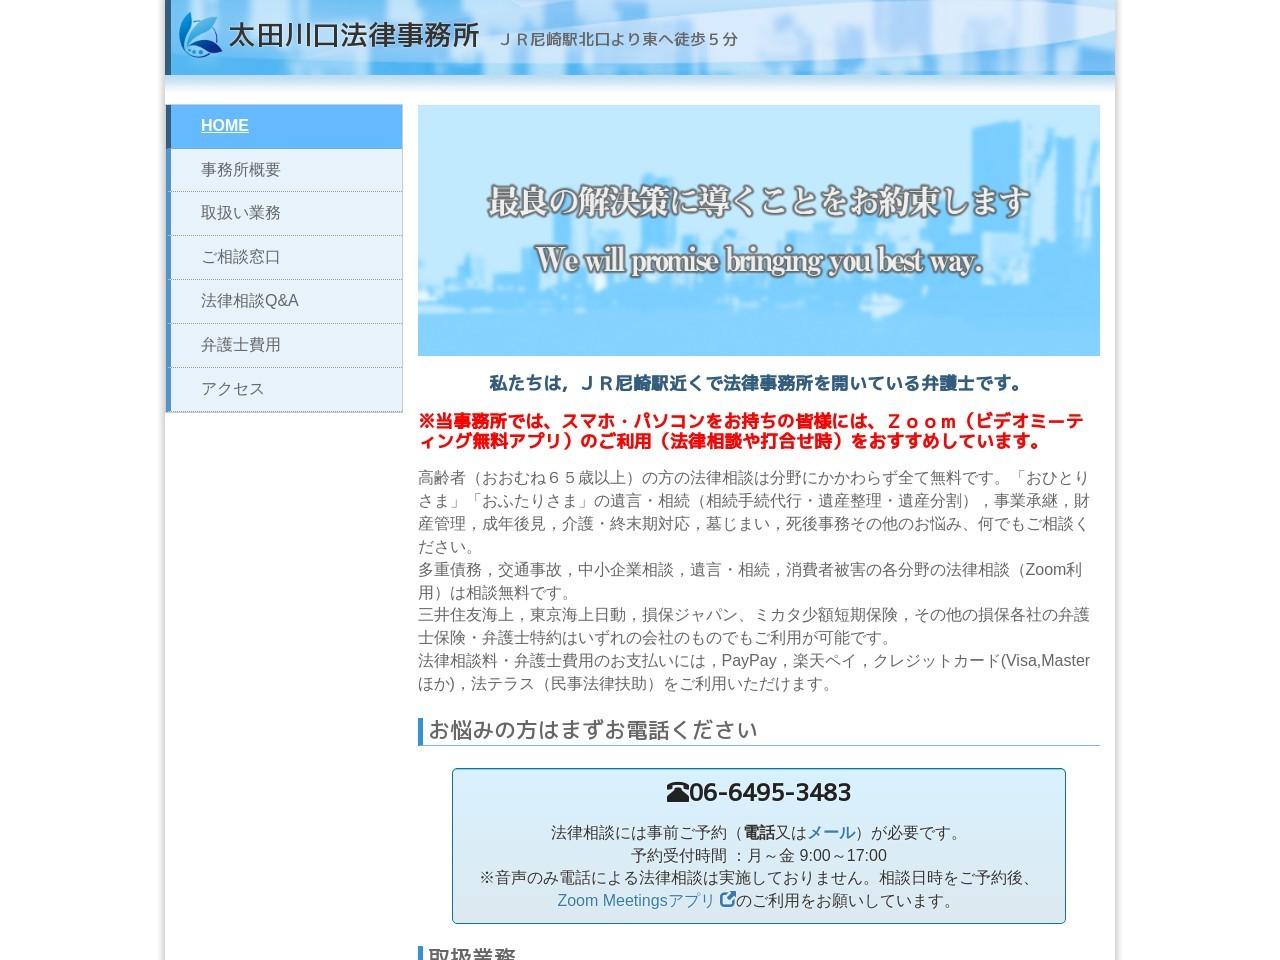 太田川口法律事務所